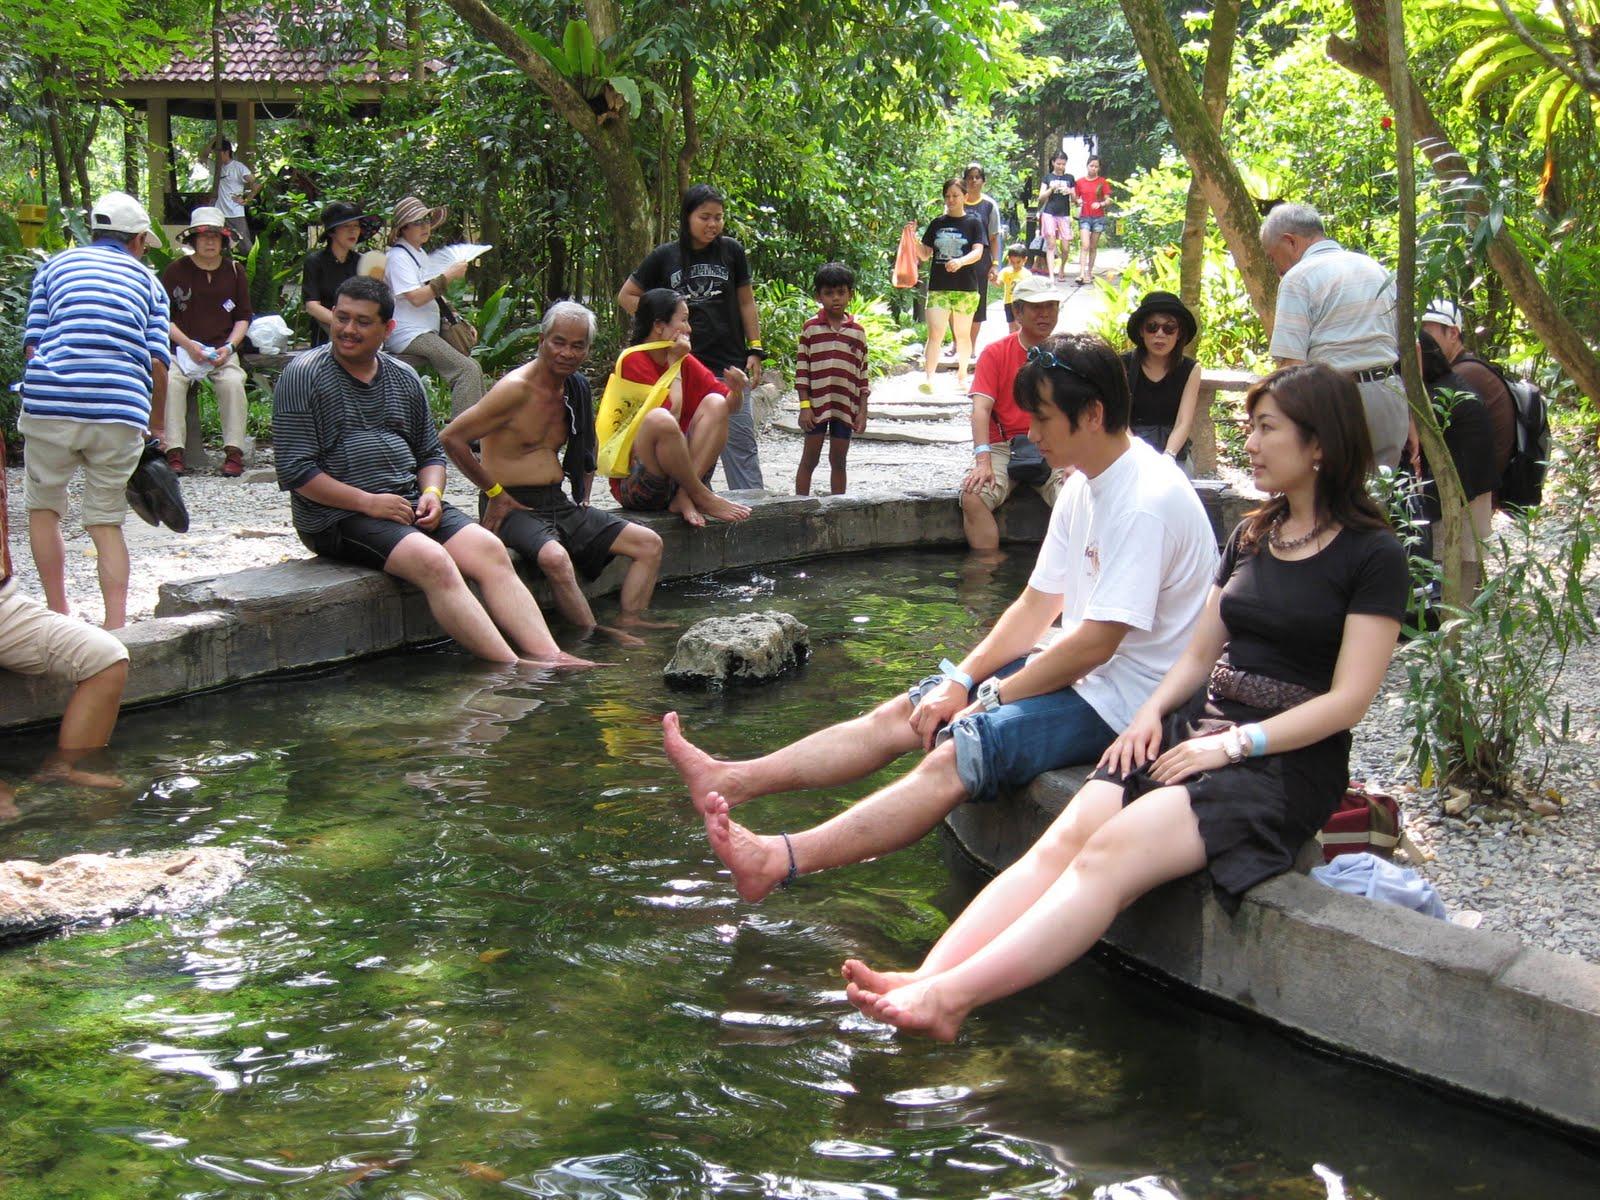 Sungai klah hot springs - Sg Klah Hot Springs 4 May 2008